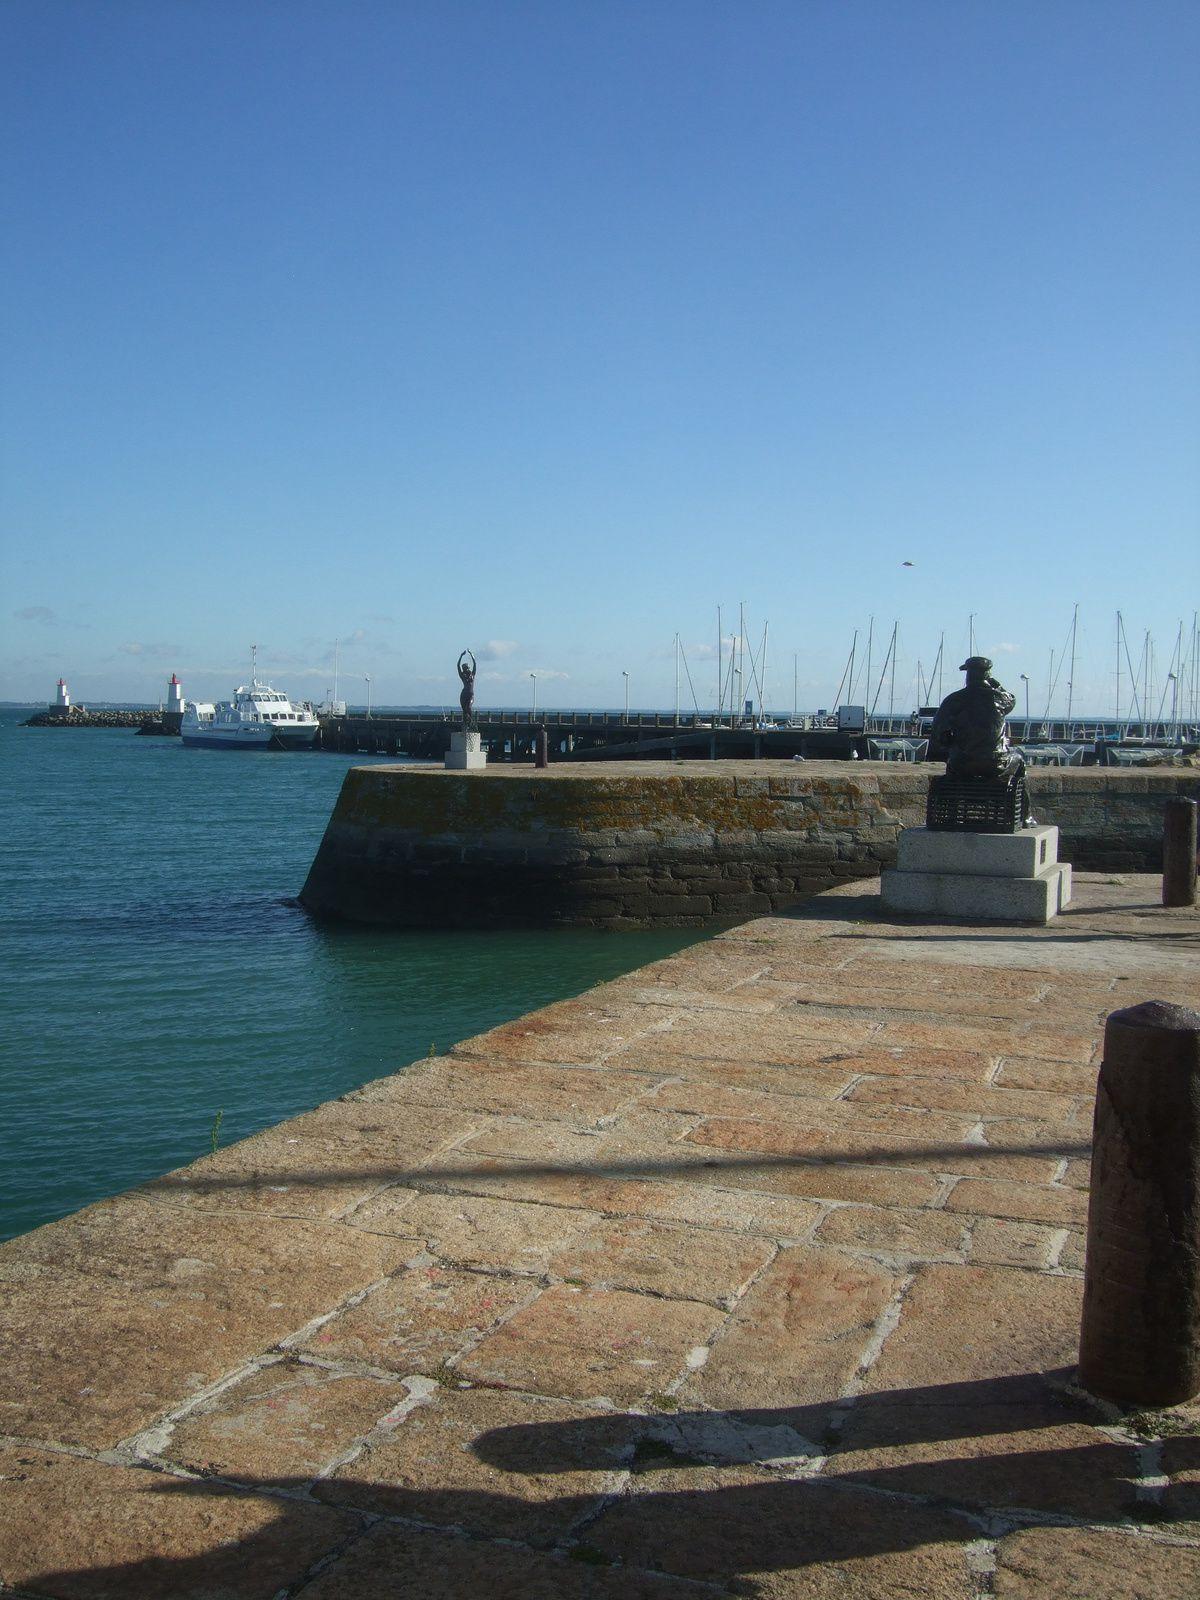 Le Port d'Haliguen - Photos prises en septembre 2013